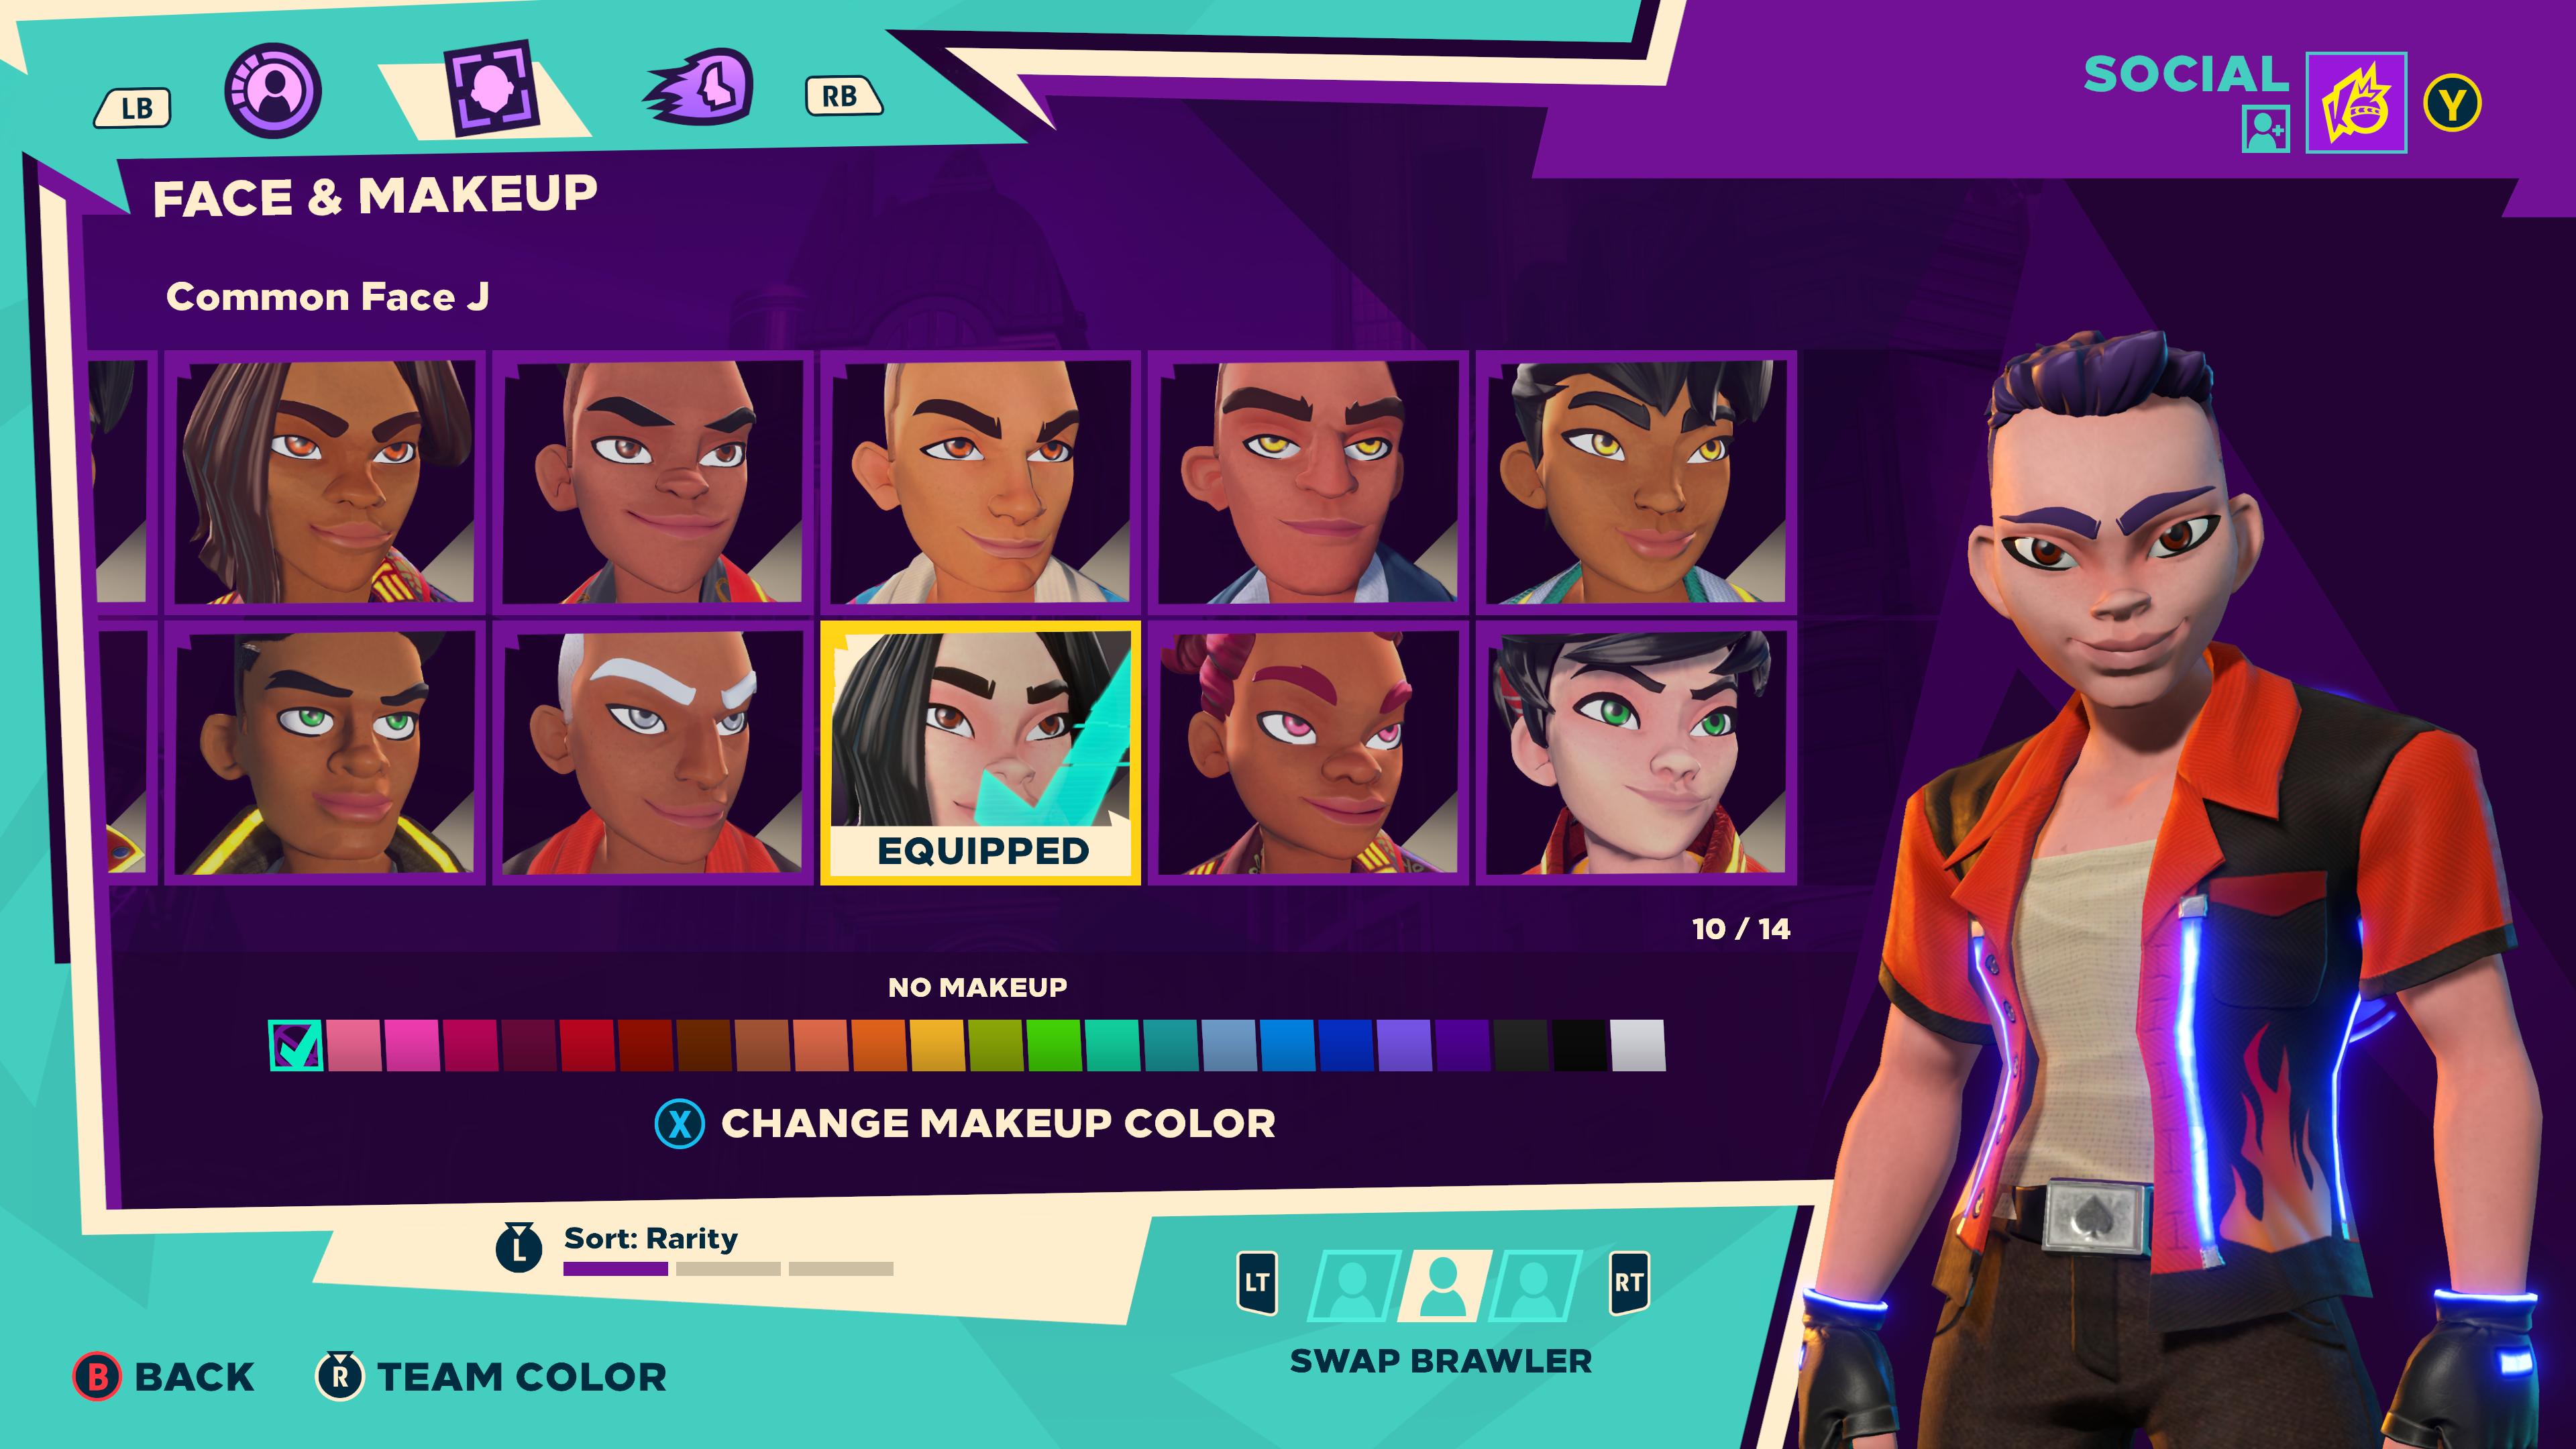 Hra ponúka bohaté možnosti úpravy vlastnej postavy.